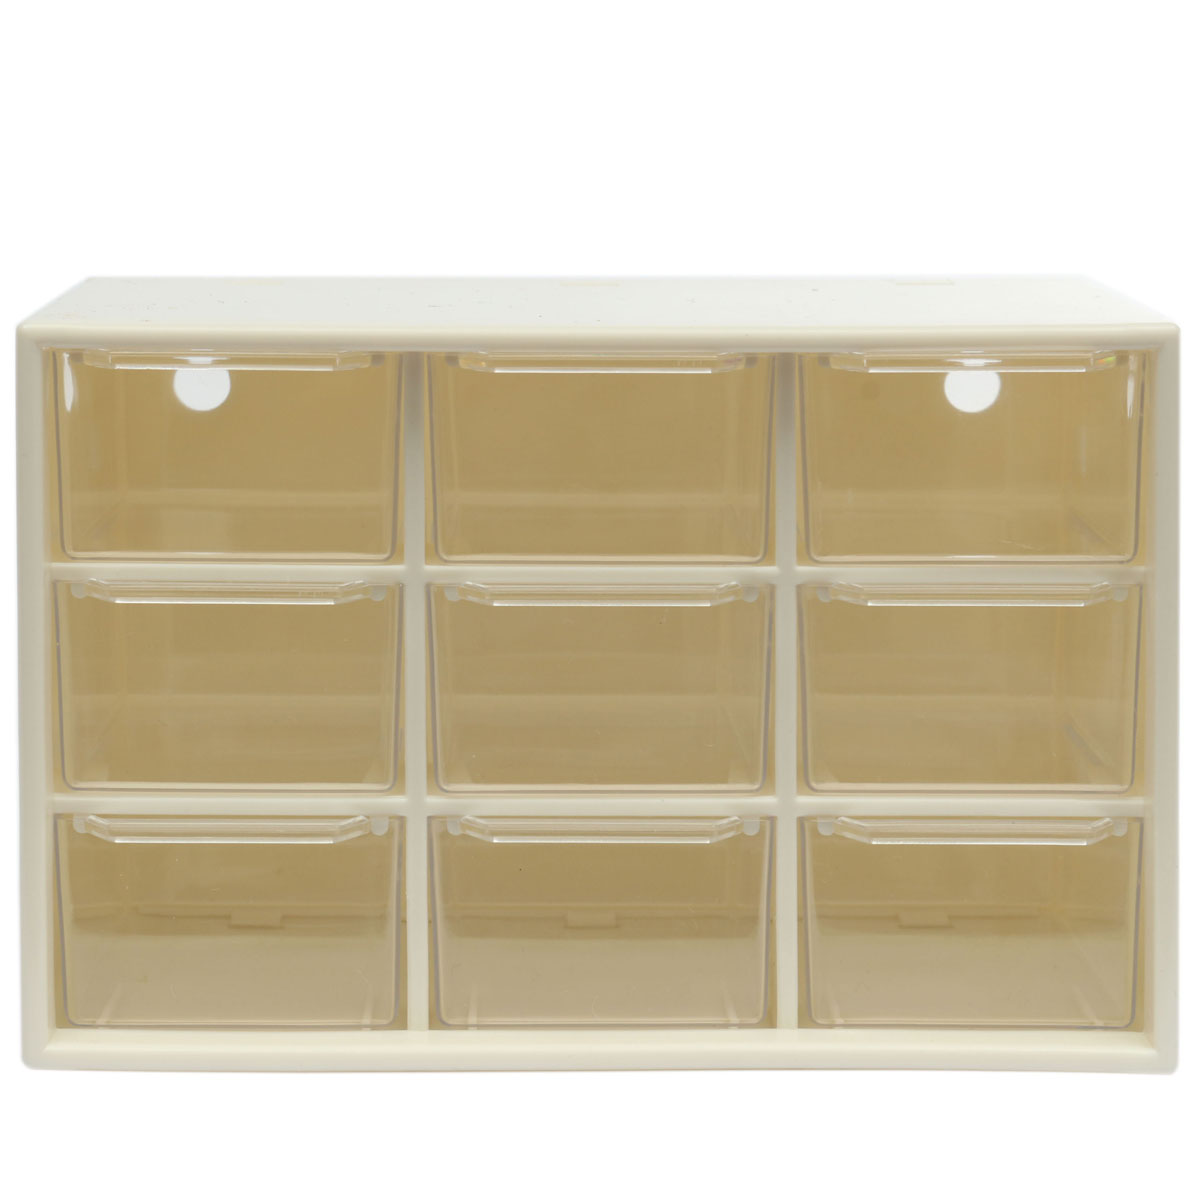 rangement plastique pas cher bac de rangement plastique. Black Bedroom Furniture Sets. Home Design Ideas